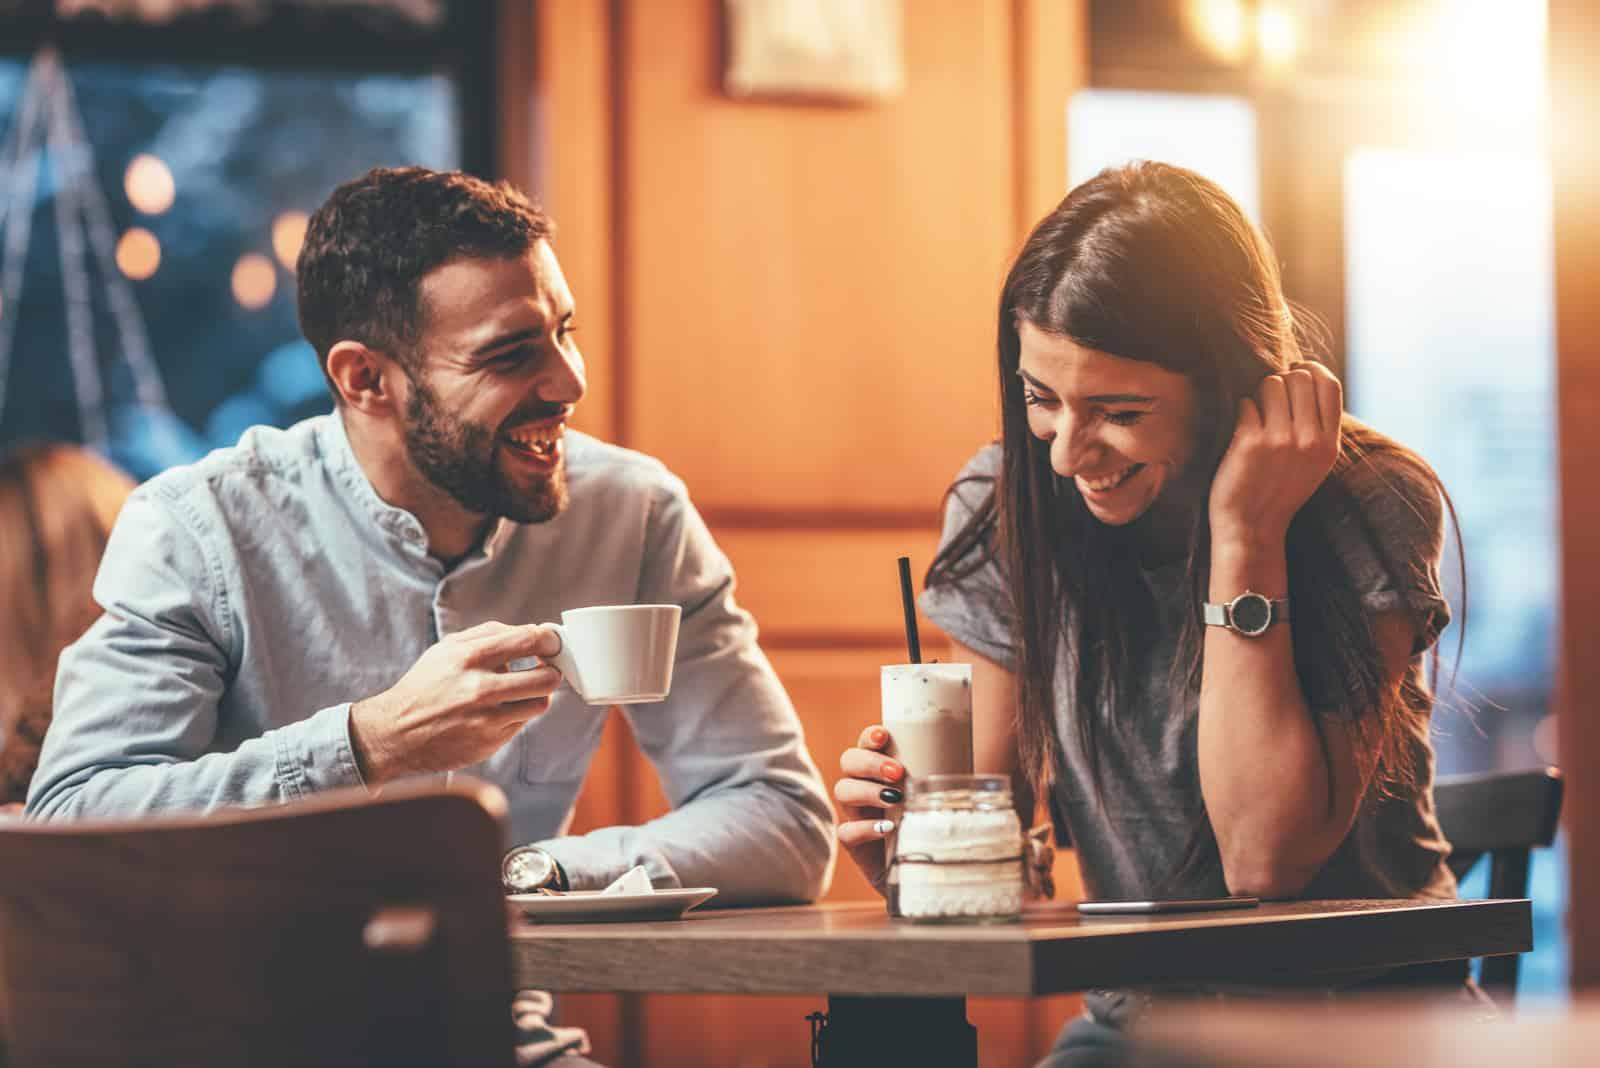 ein lächelnder mann und eine frau sitzen bei kaffee und reden